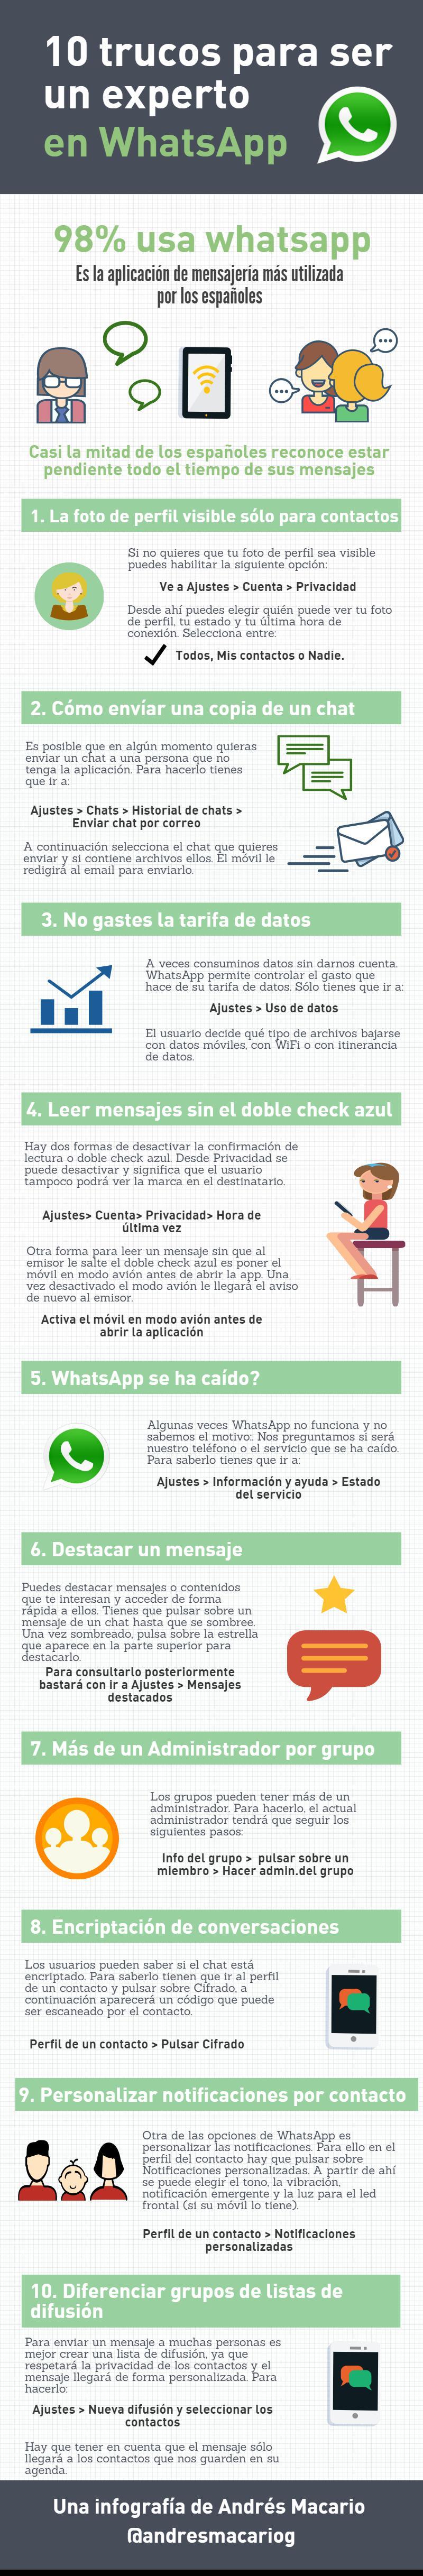 10-trucos-para-ser-un-experto-en-whatsapp-infografia